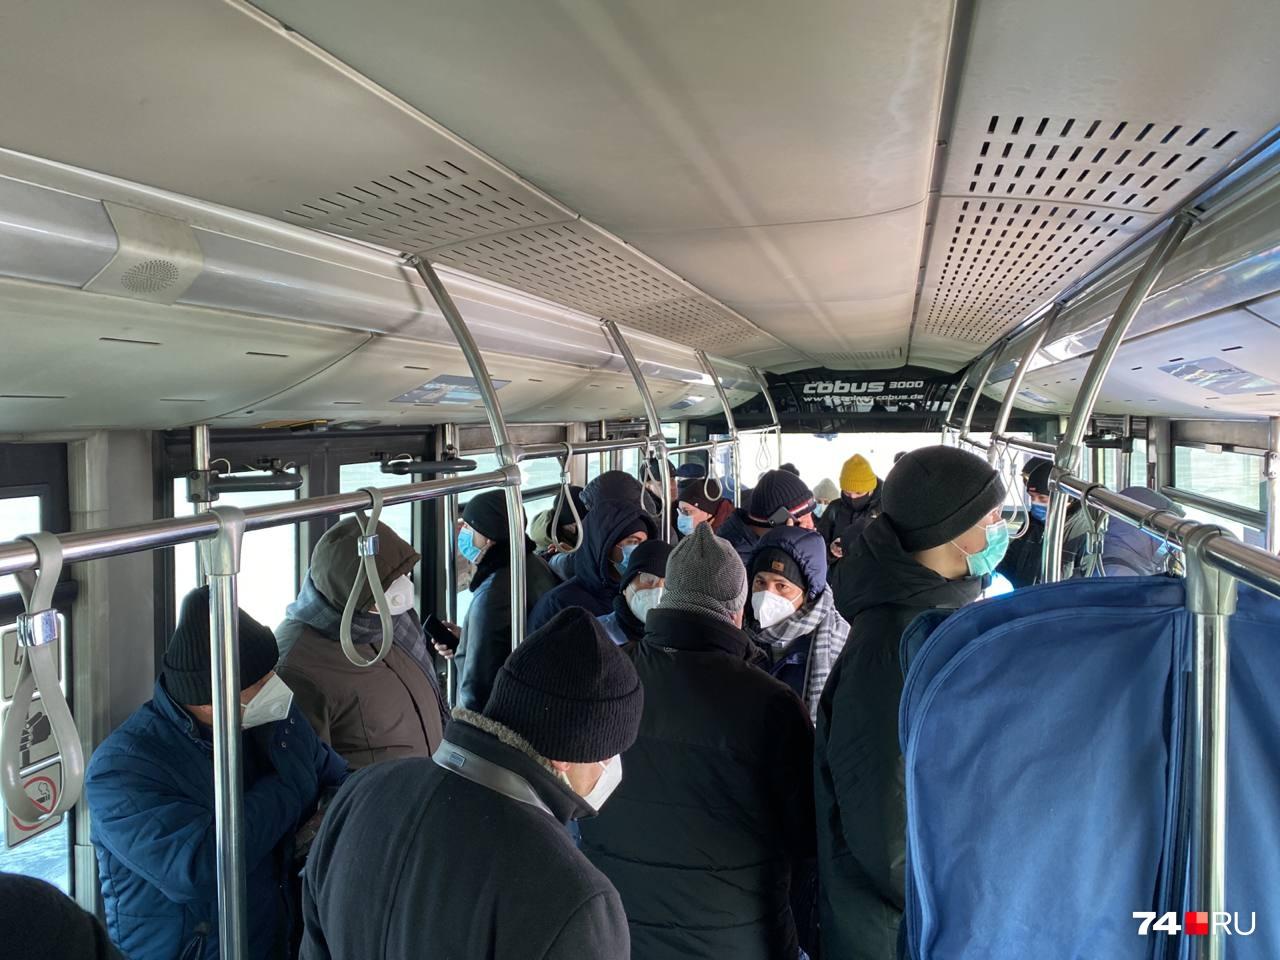 Пассажиры, отказавшиеся продолжать полет в такую погоду, пока сидят в автобусе